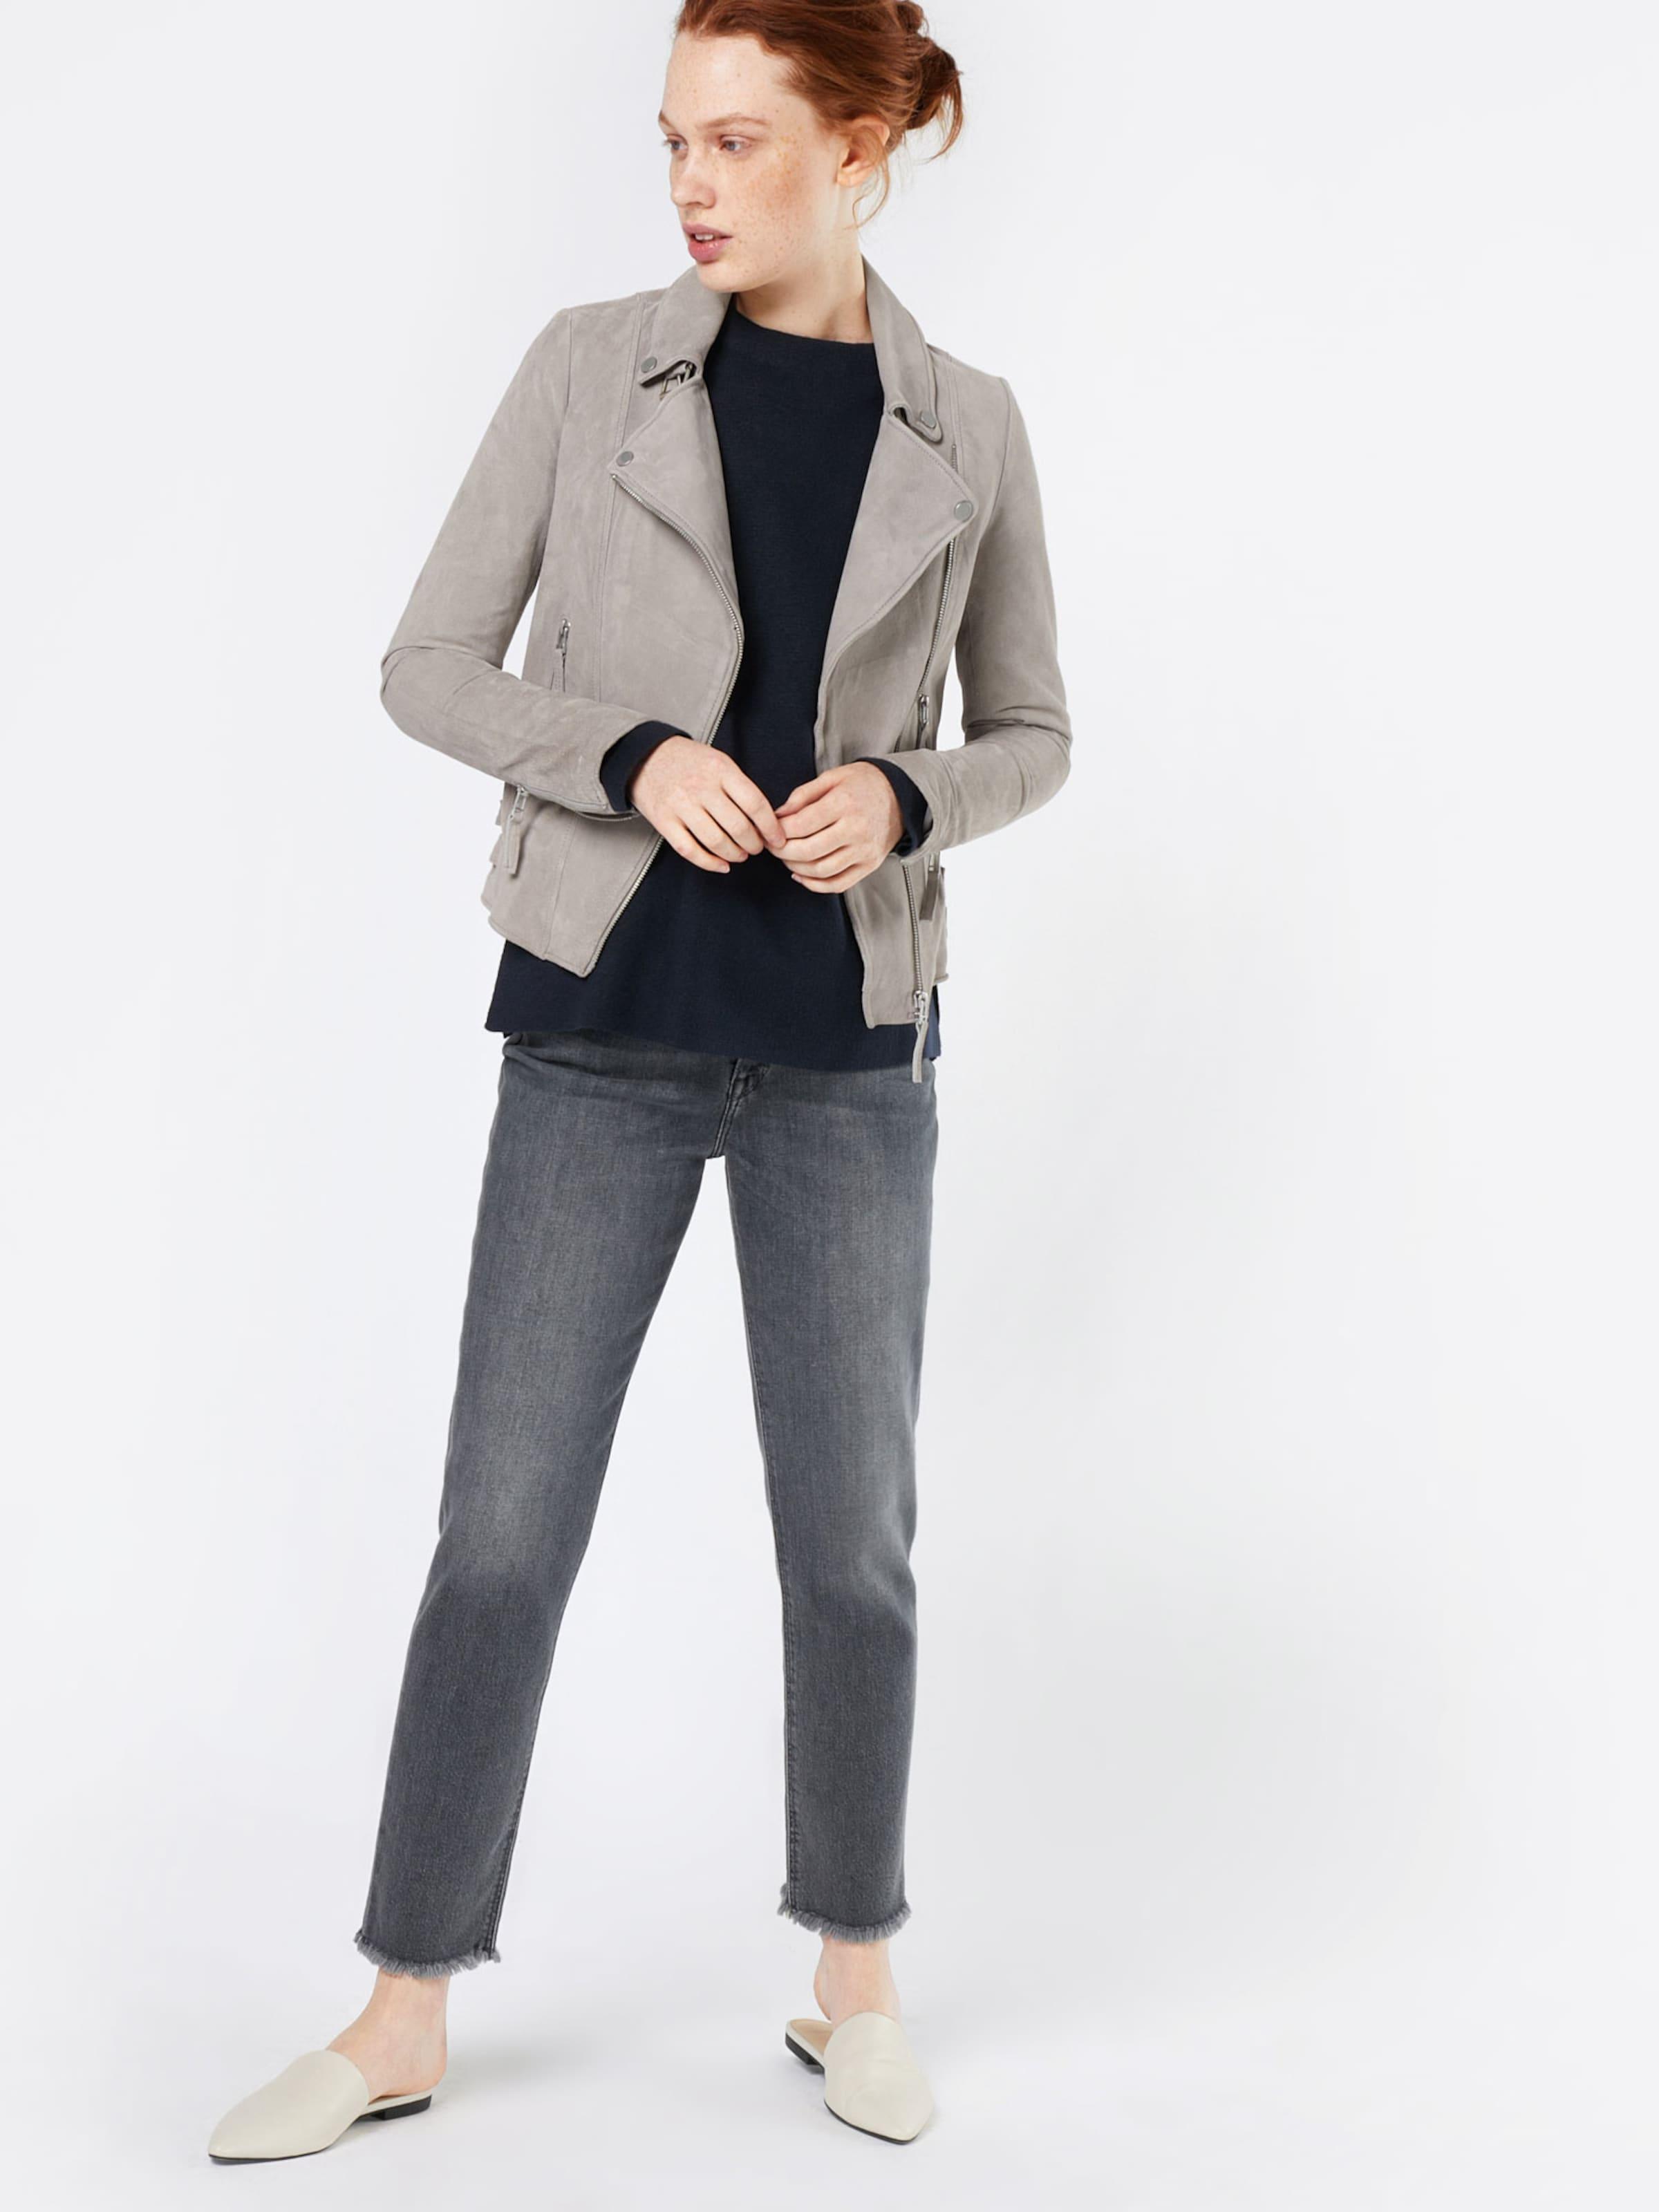 Spielraum Eastbay Verkauf Erhalten Zu Kaufen VERO MODA Pullover 'O-NECK SLIT' Freies Verschiffen Beliebt Billig Verkauf Vermarktbare Sneakernews Günstig Online 7uWYR4